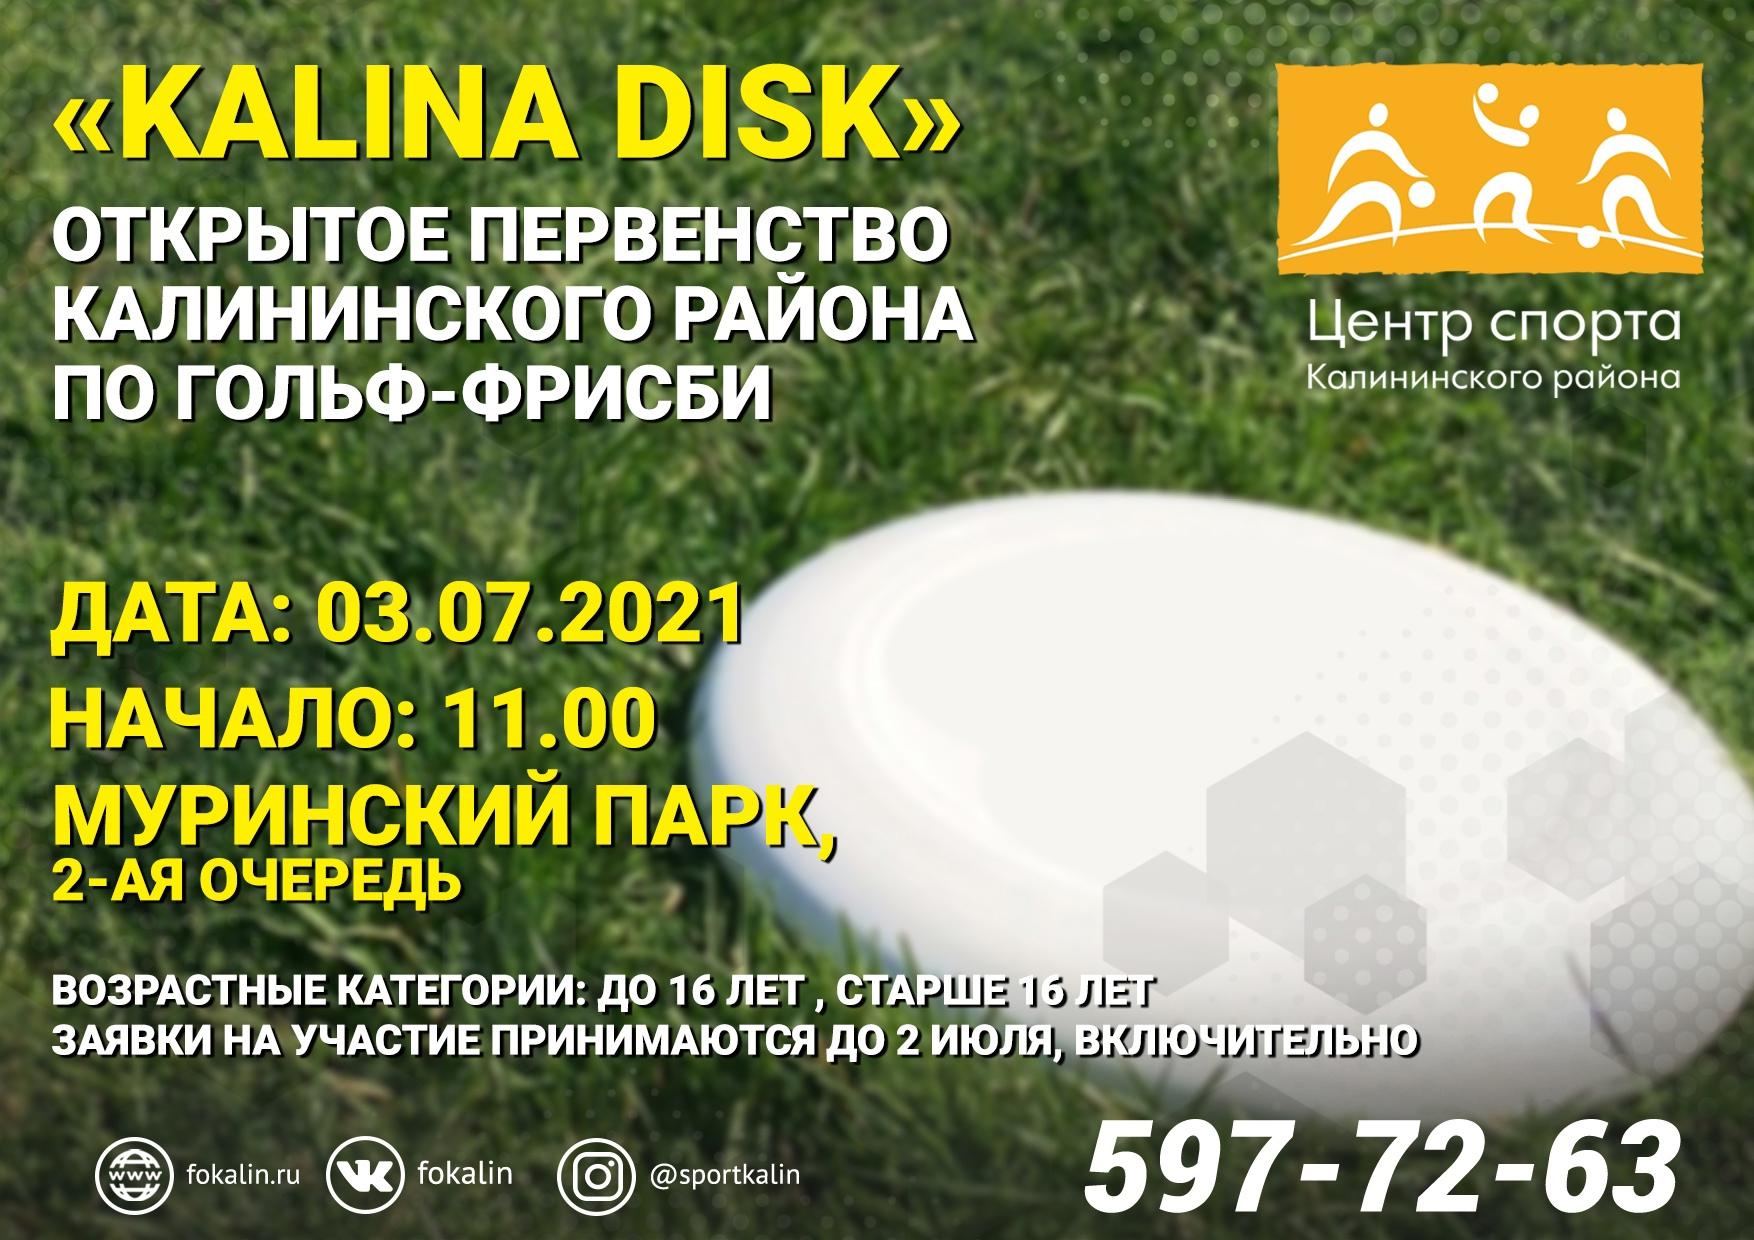 Открытое первенство Калининского района по гольф-фрисби «KALINA DISK 2021»